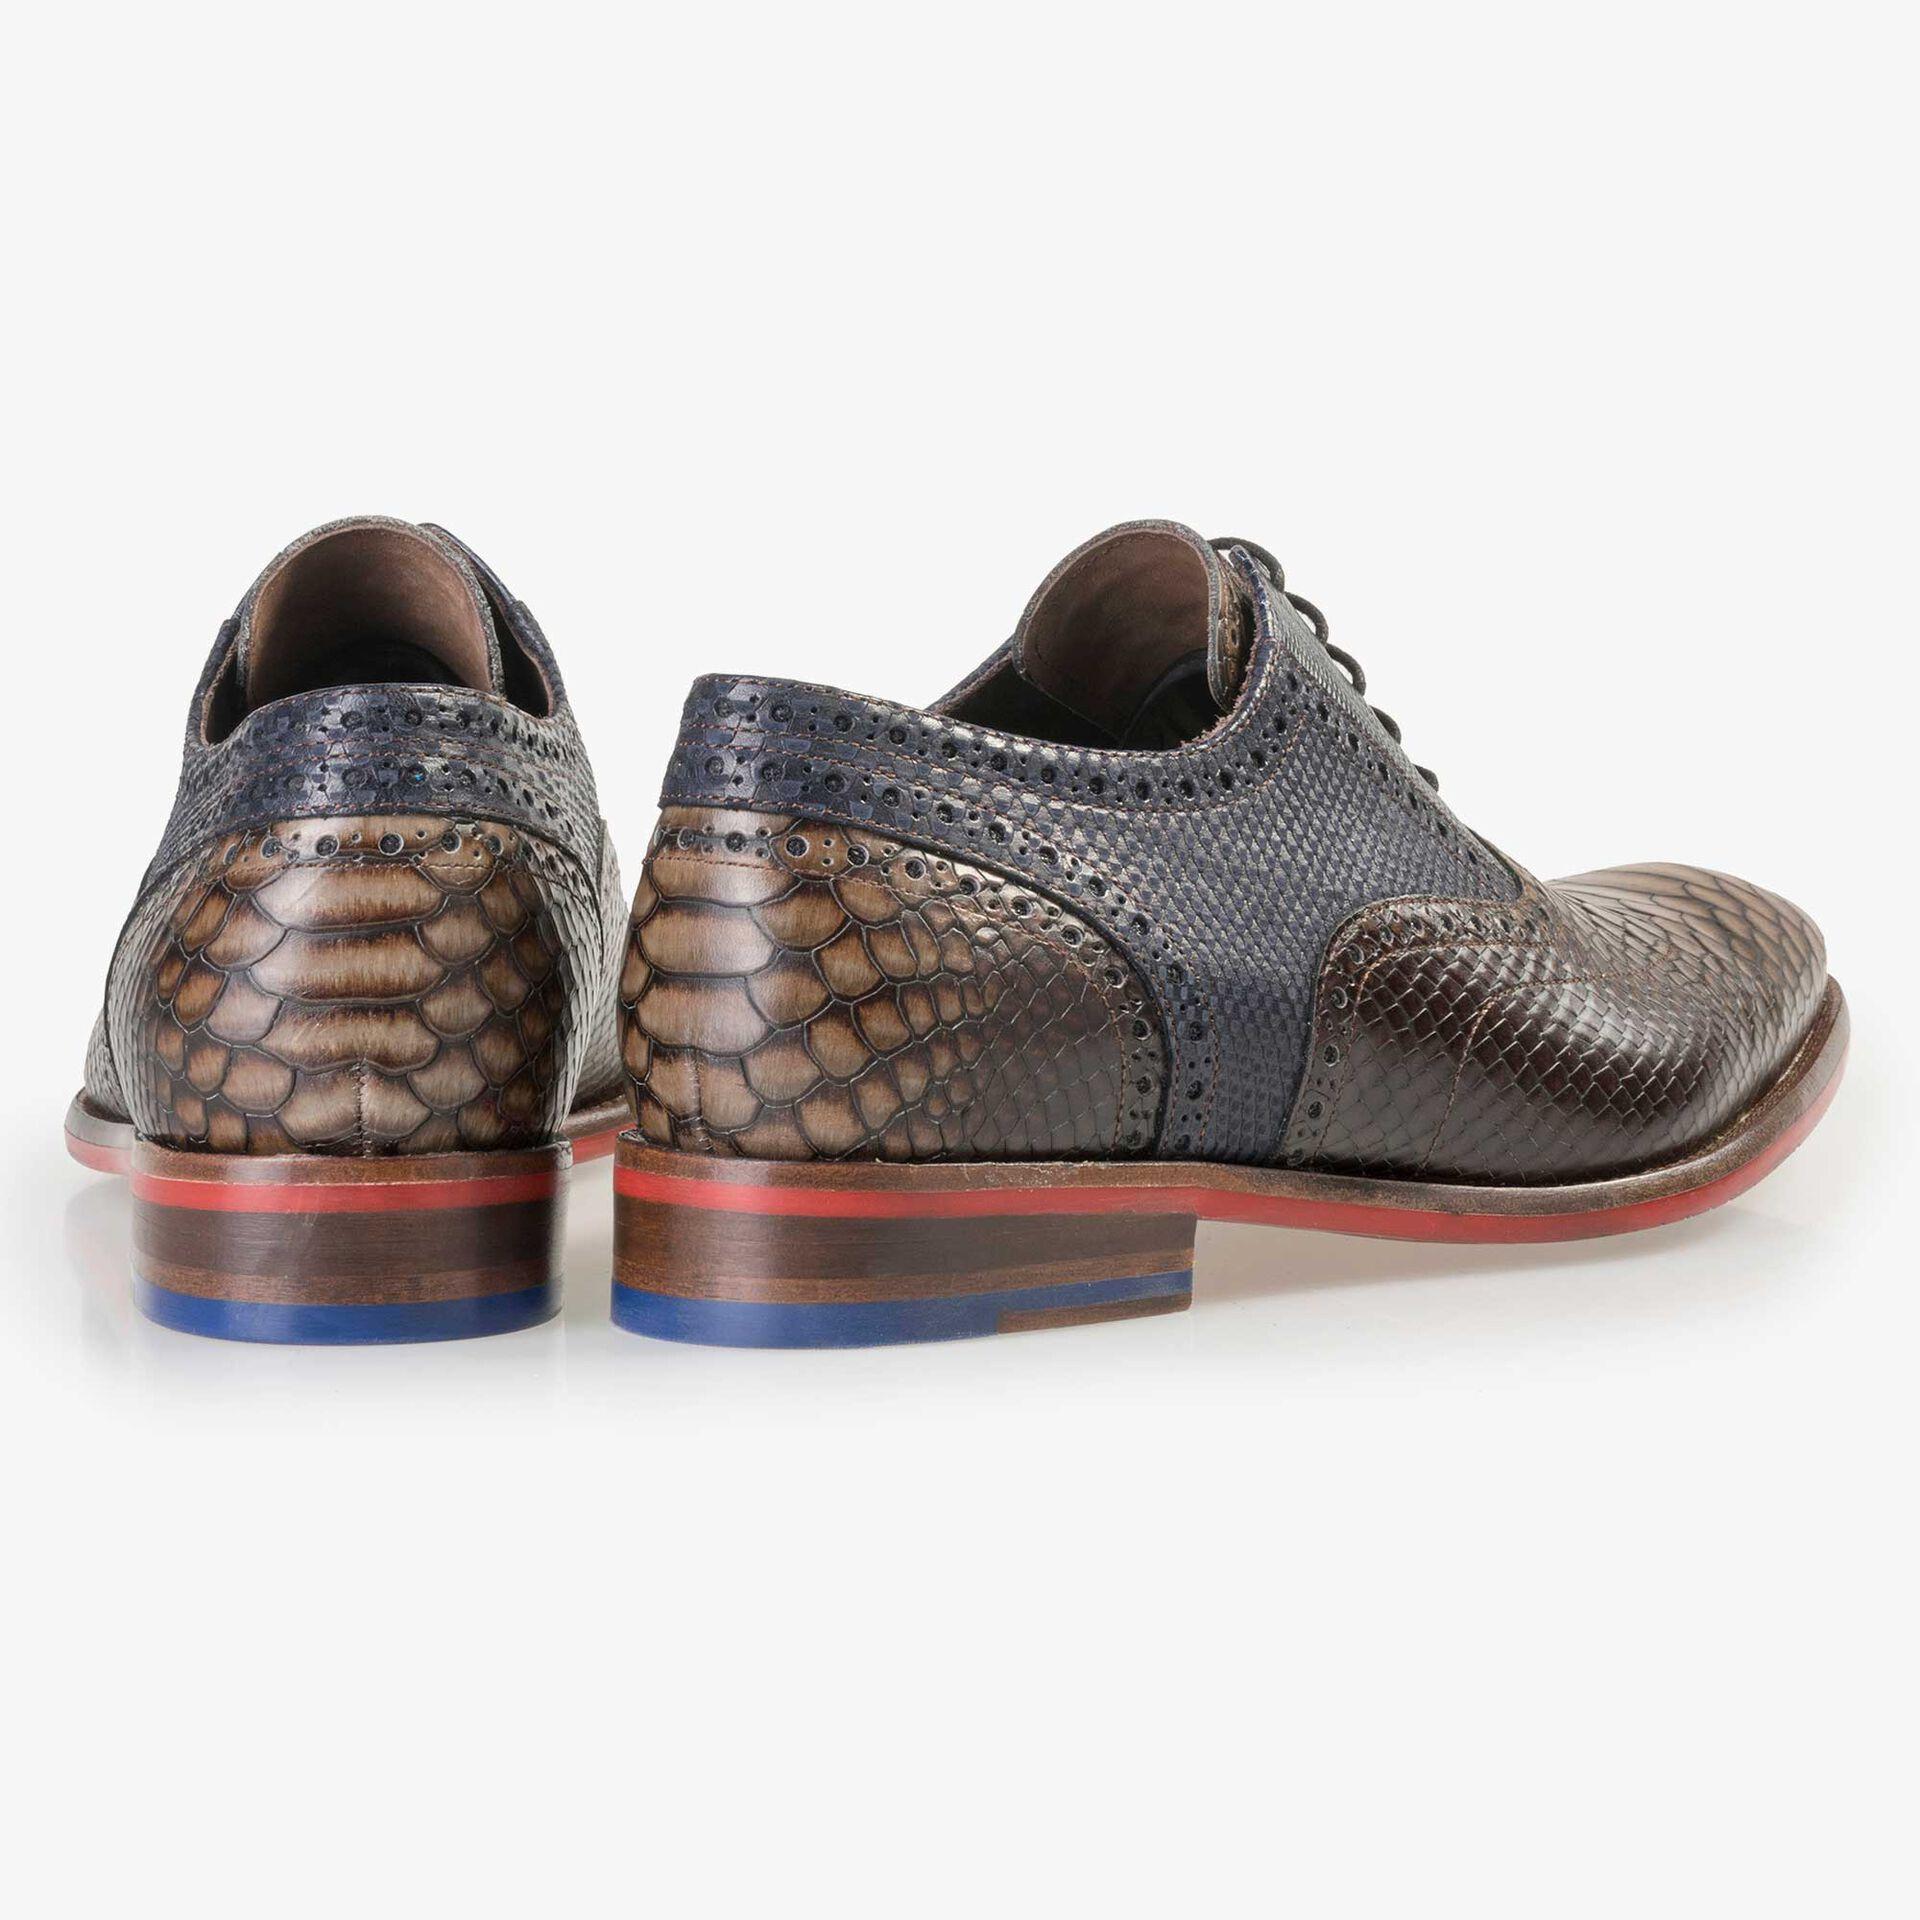 Floris van Bommel men's brown leather lace shoe